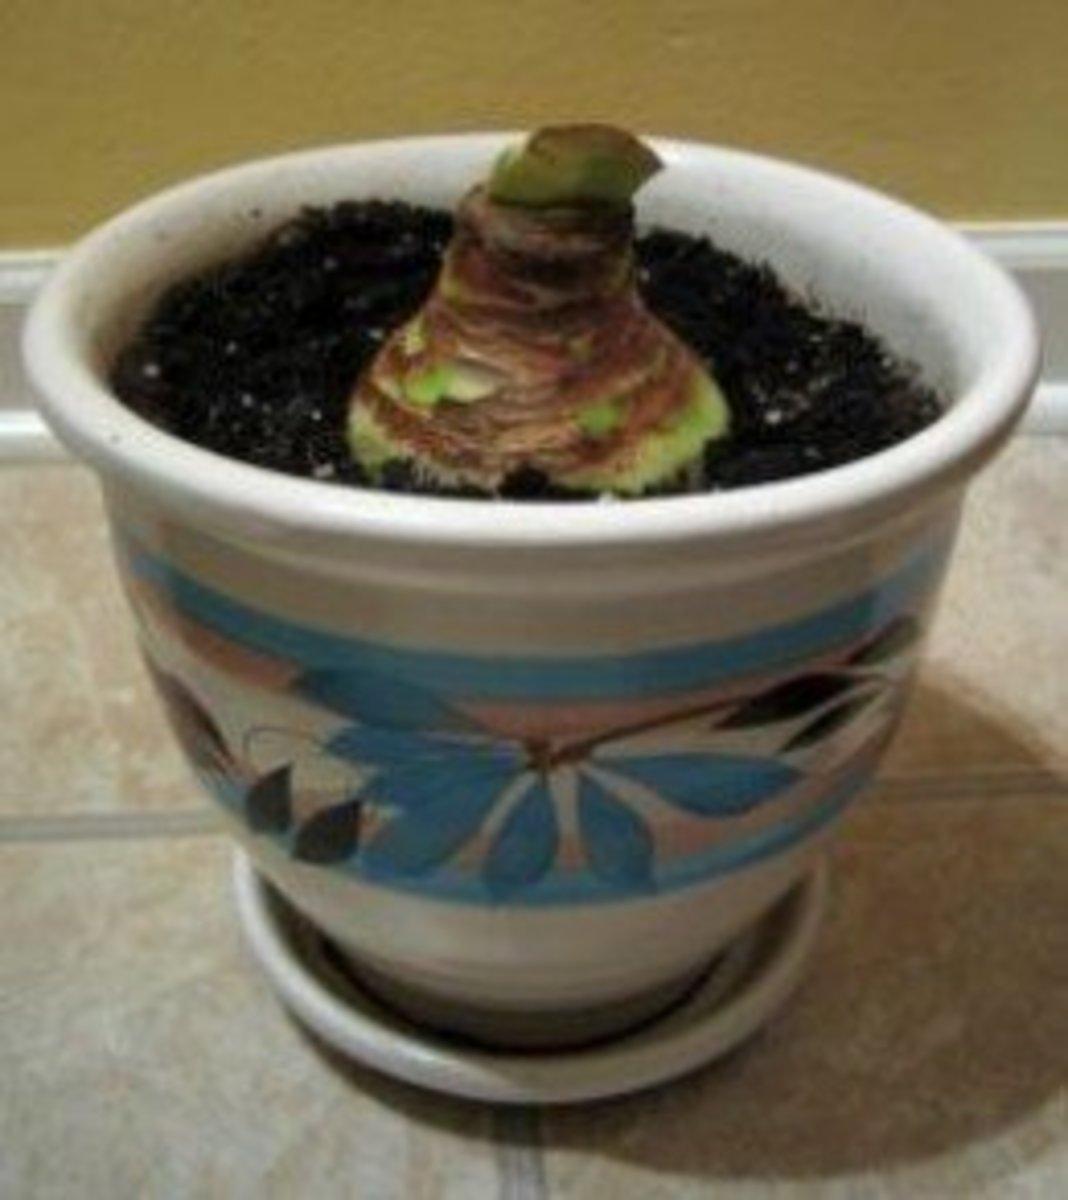 Newly potted Amaryllis bulb.